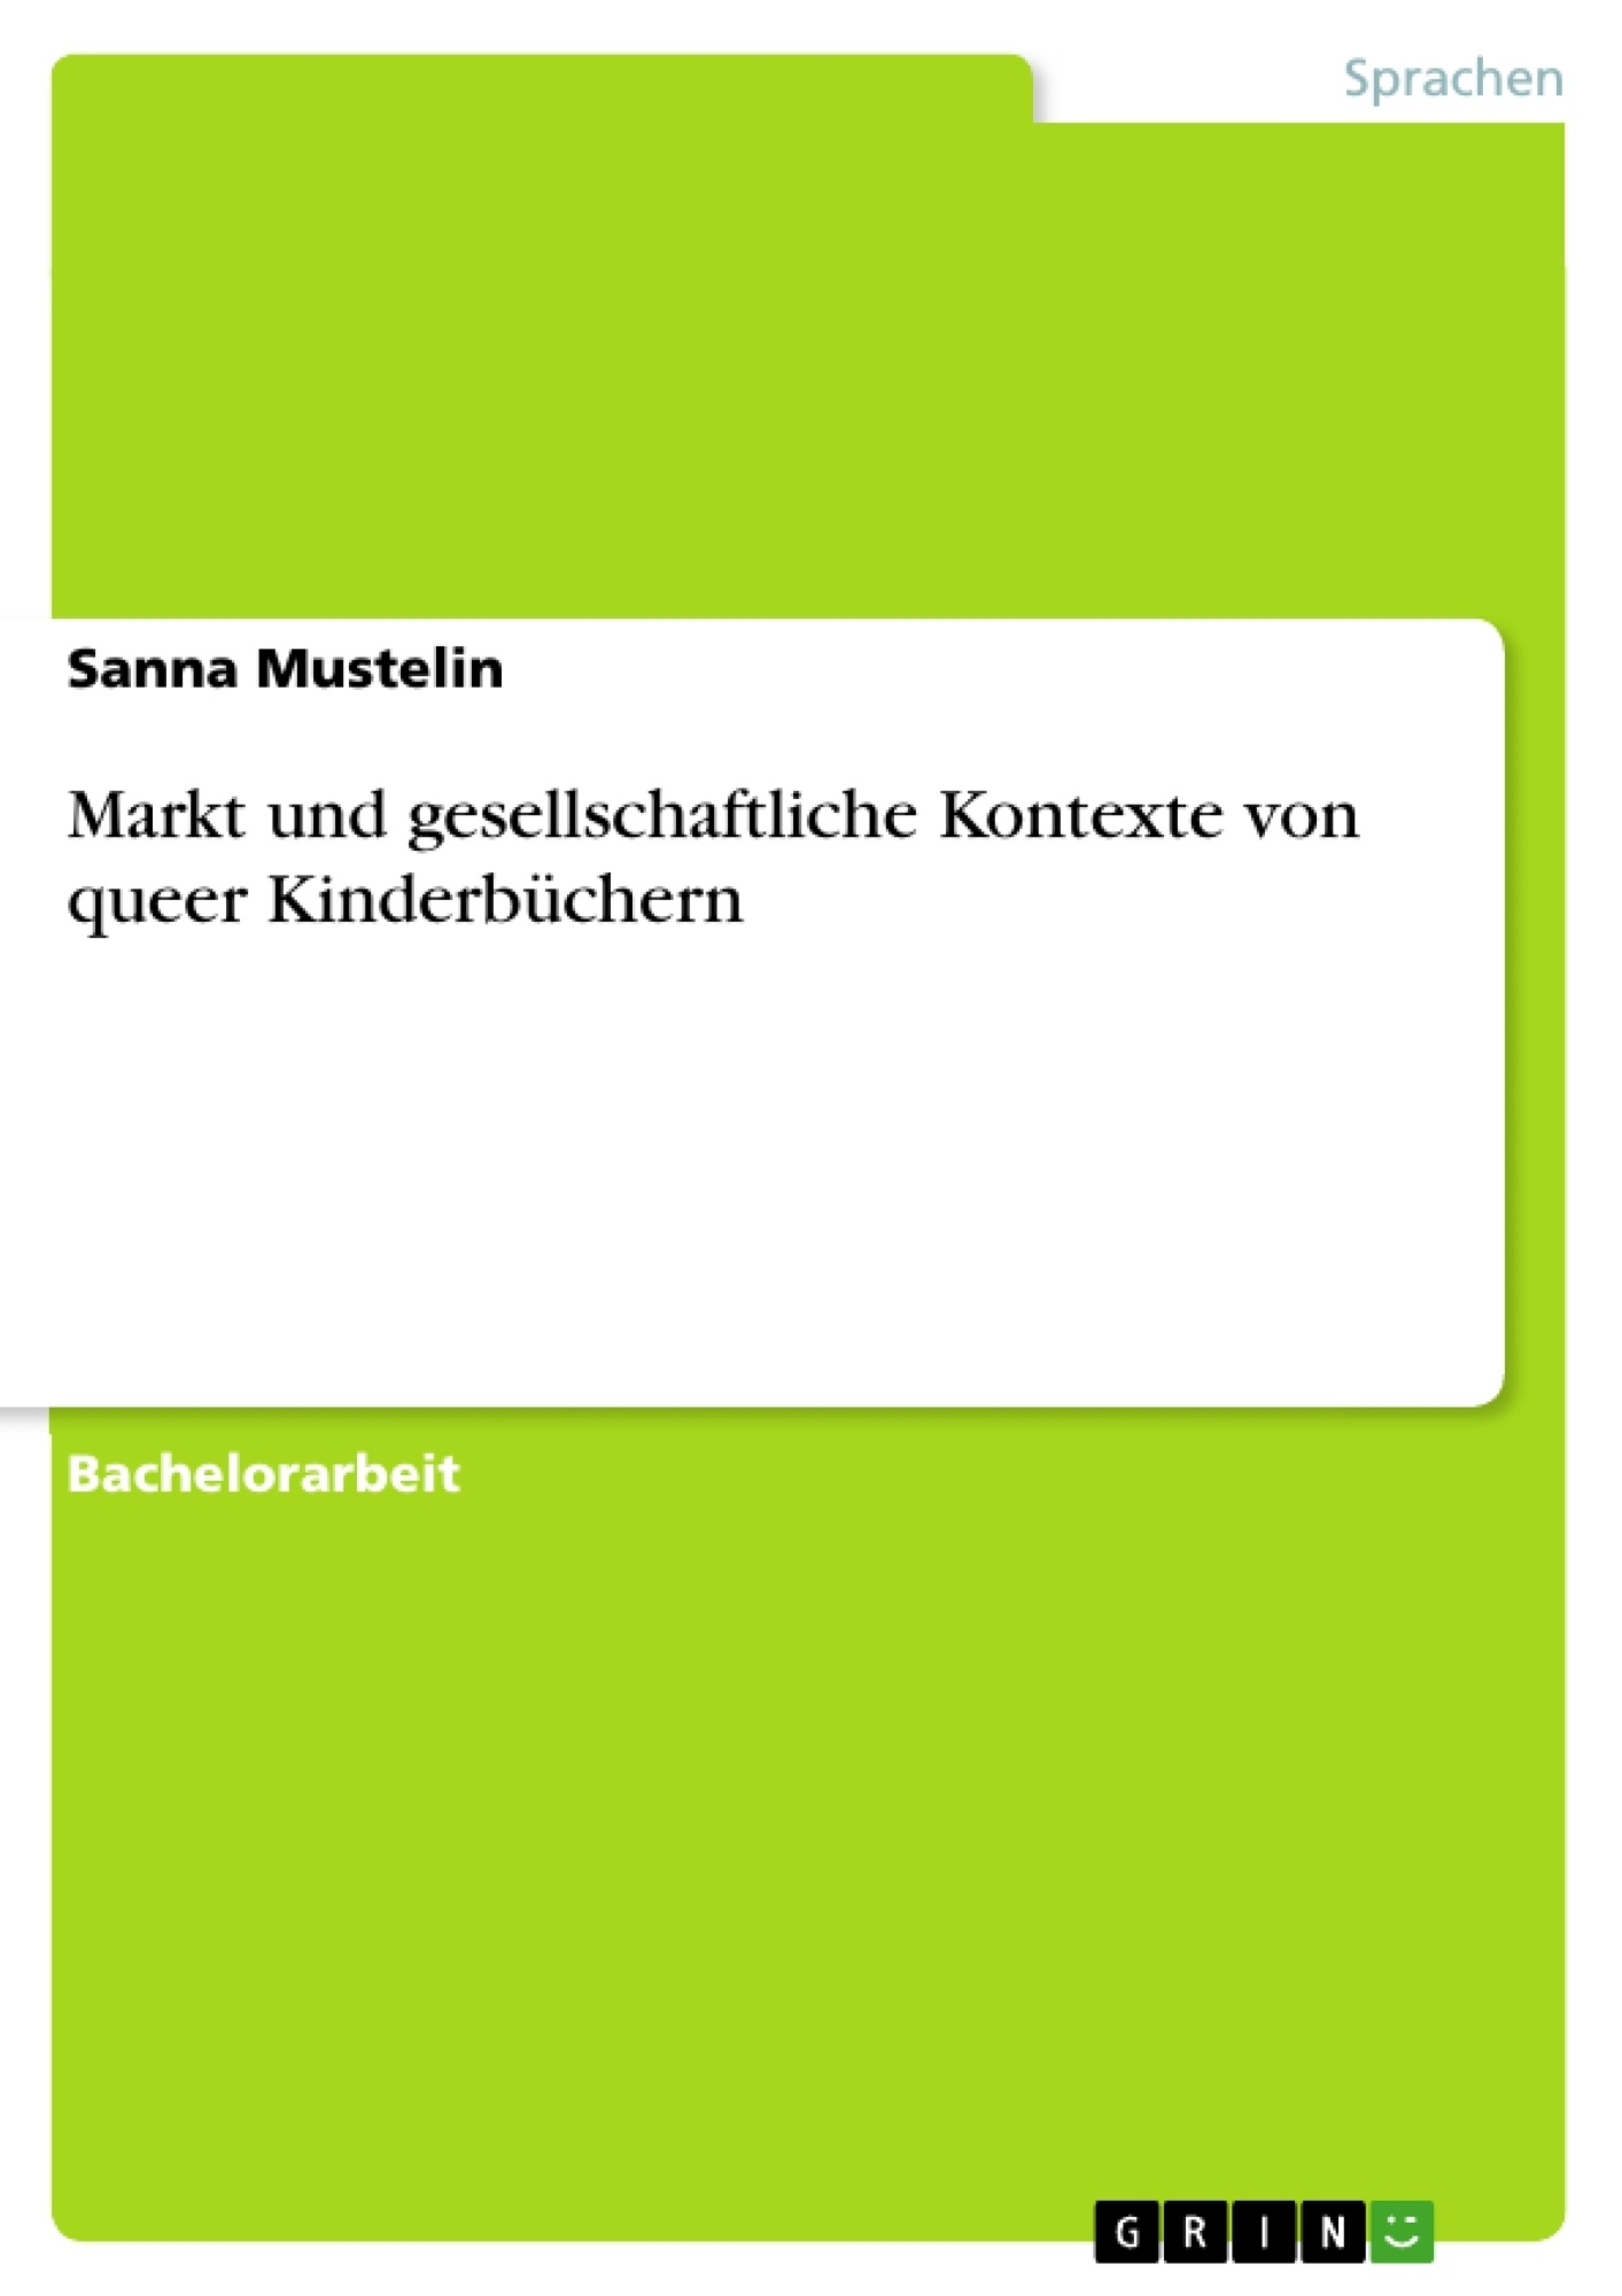 Titel: Markt und gesellschaftliche Kontexte von queer Kinderbüchern